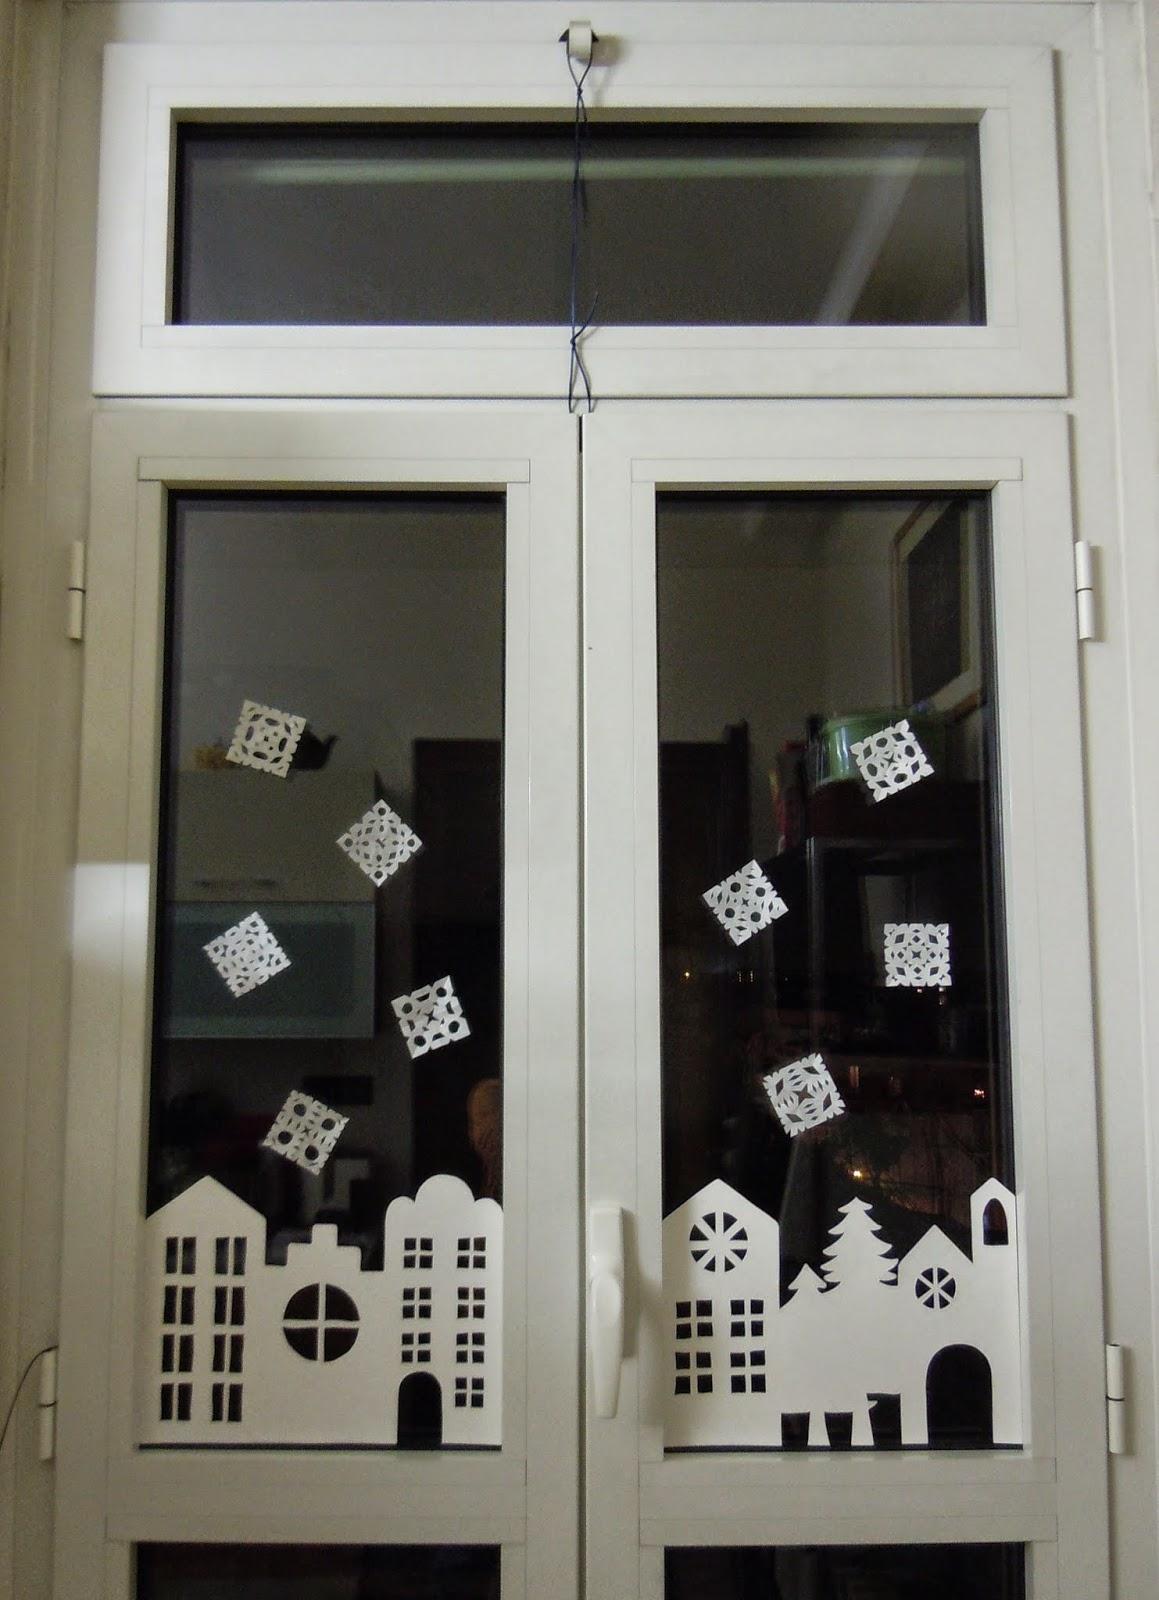 Gioka con leo addobbo natalizio per finestre - Addobbare le finestre per natale ...